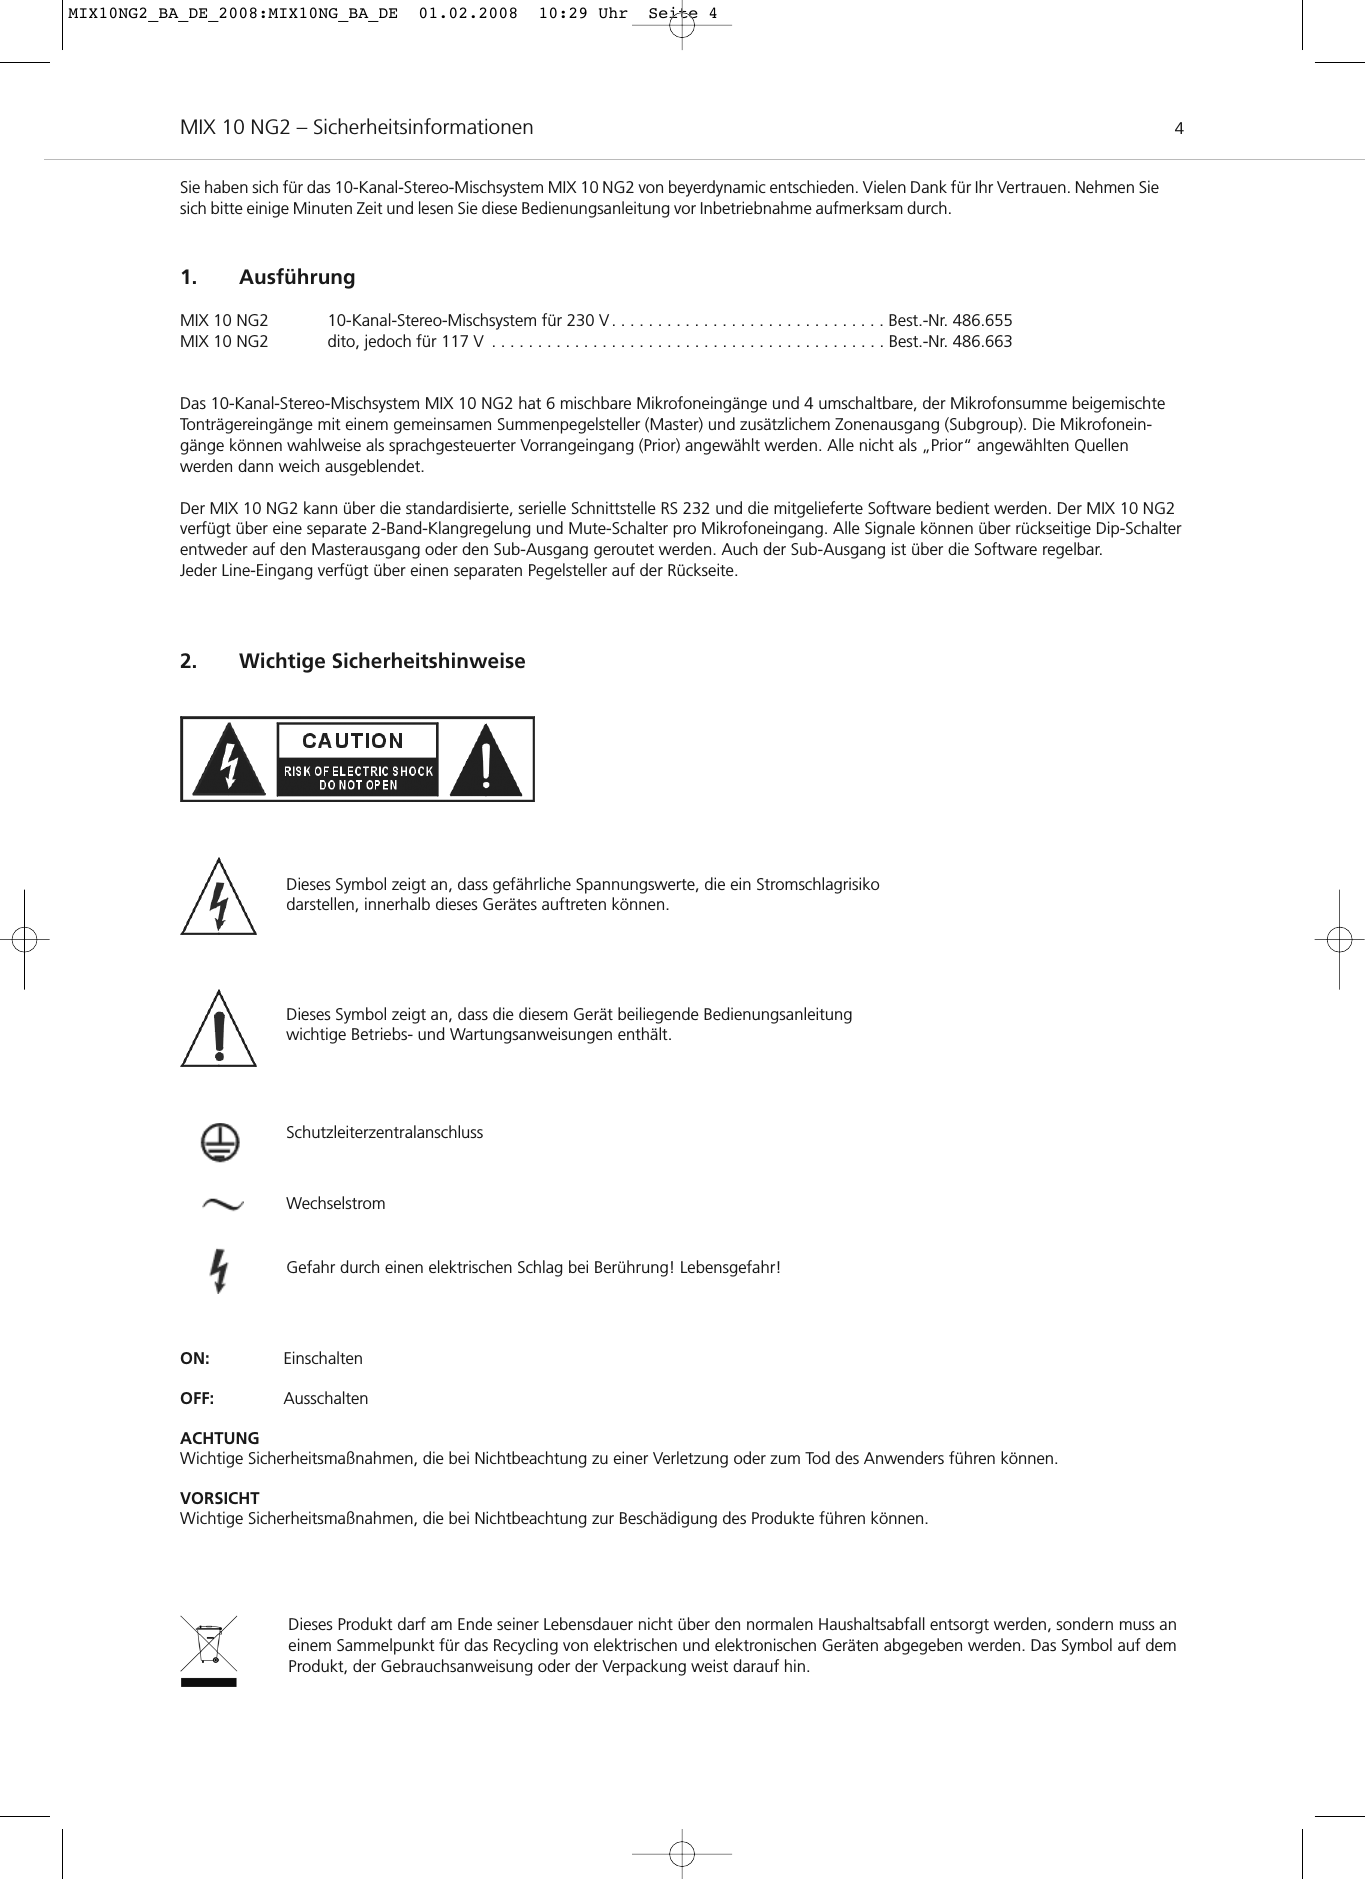 Erfreut Elektrisches Symbol Für Lampe Galerie - Schaltplan Serie ...